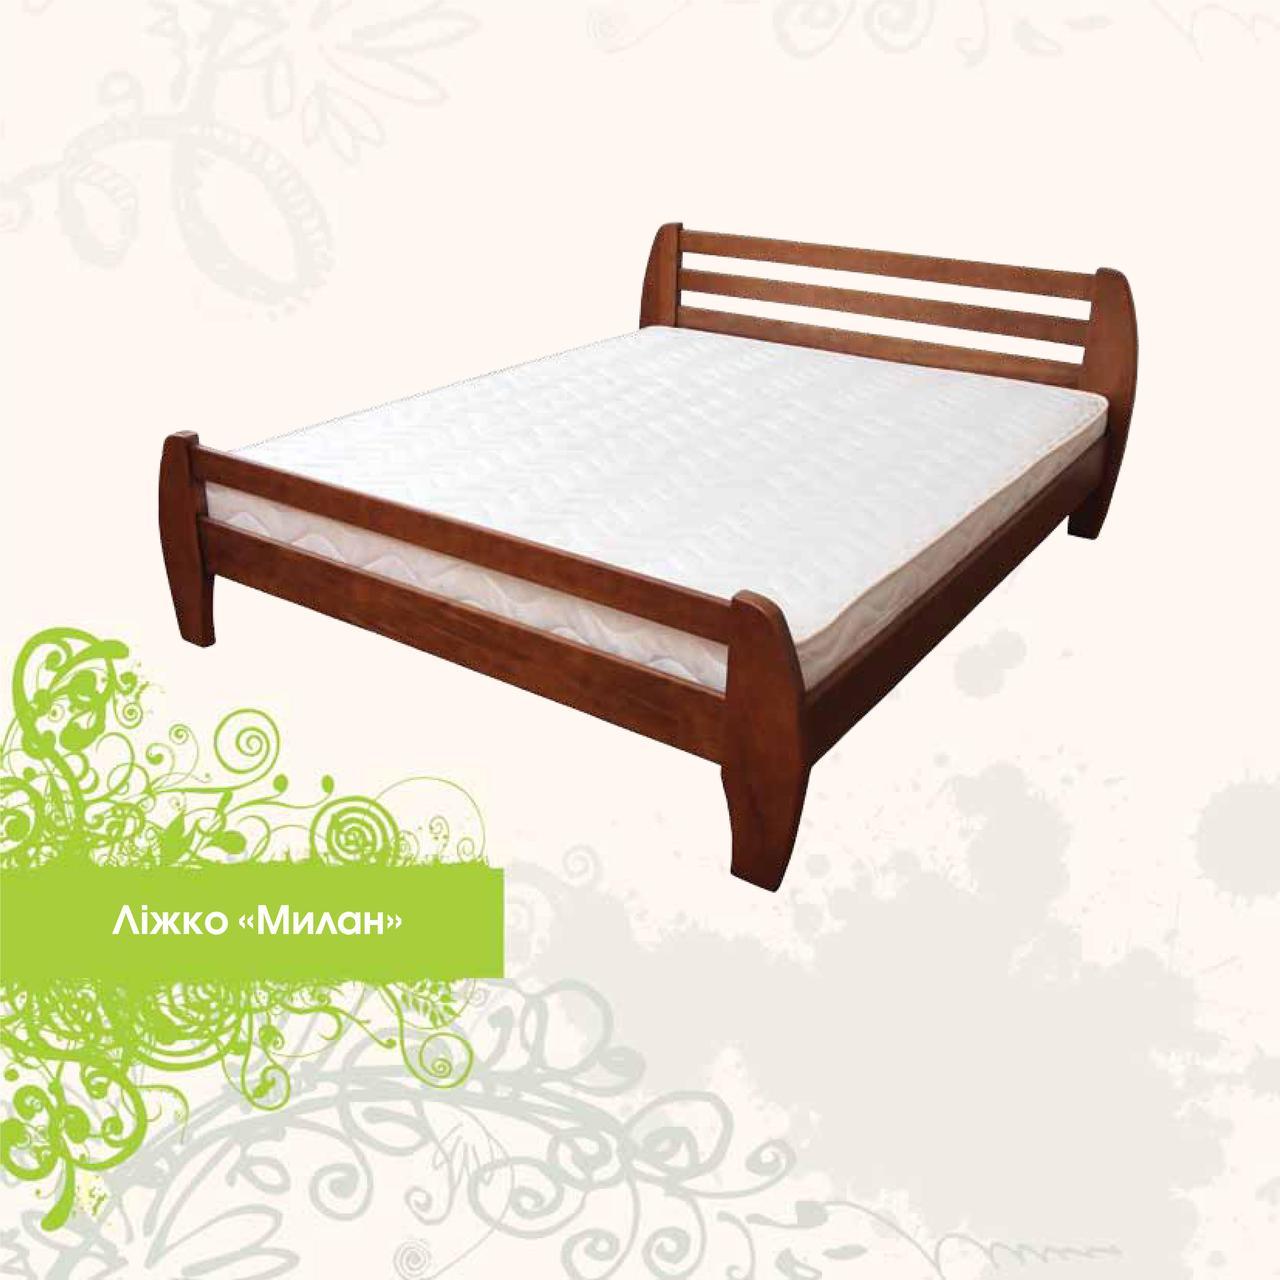 Дерев'яне ліжко Мілан 180х200 сосна Mebigrand